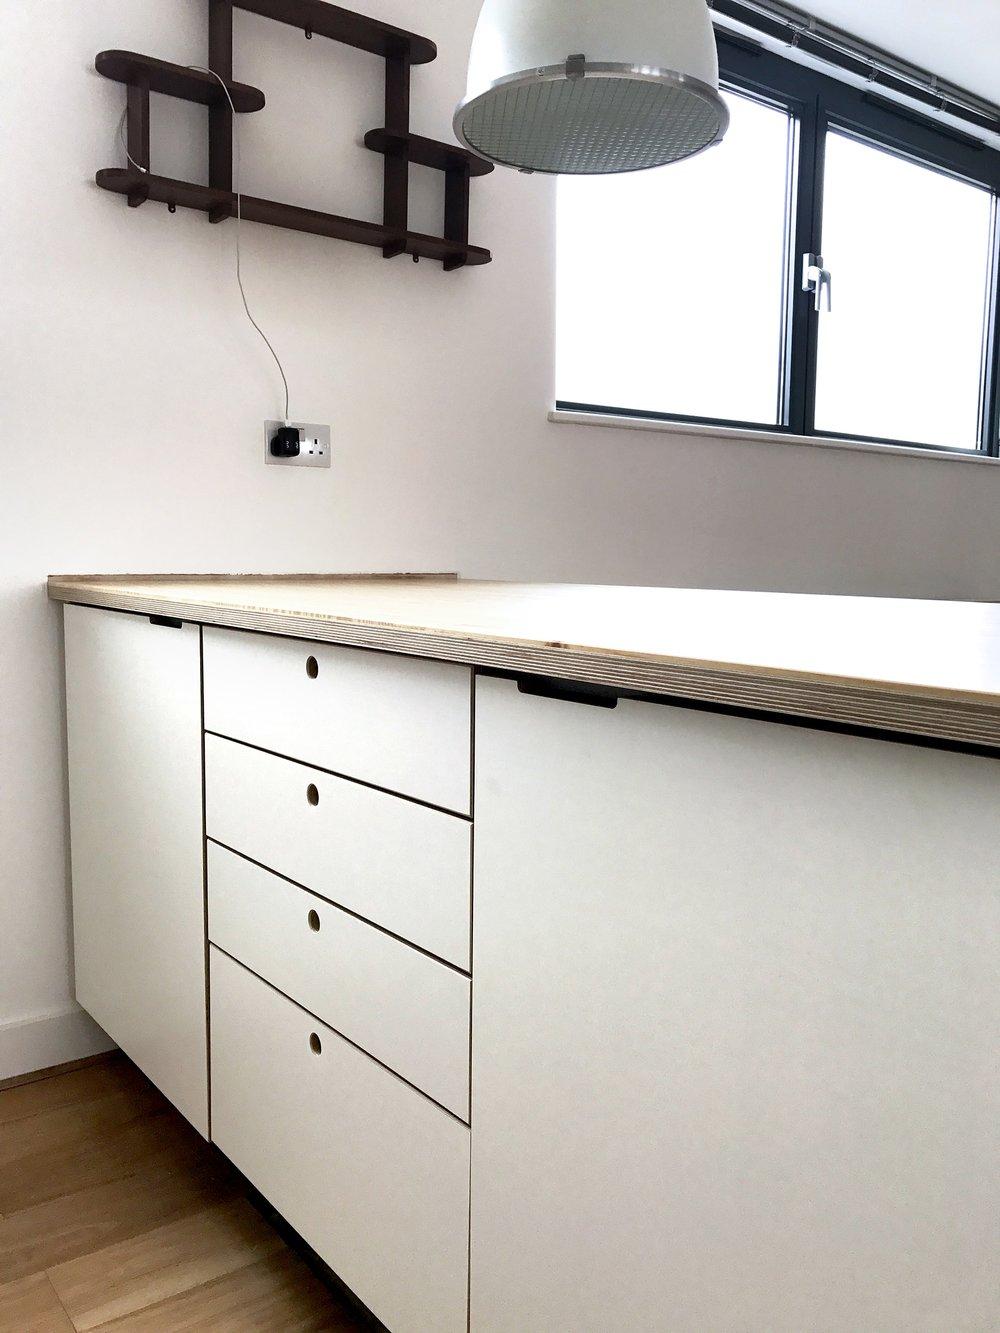 Ample storage hidden inside the kitchen island.